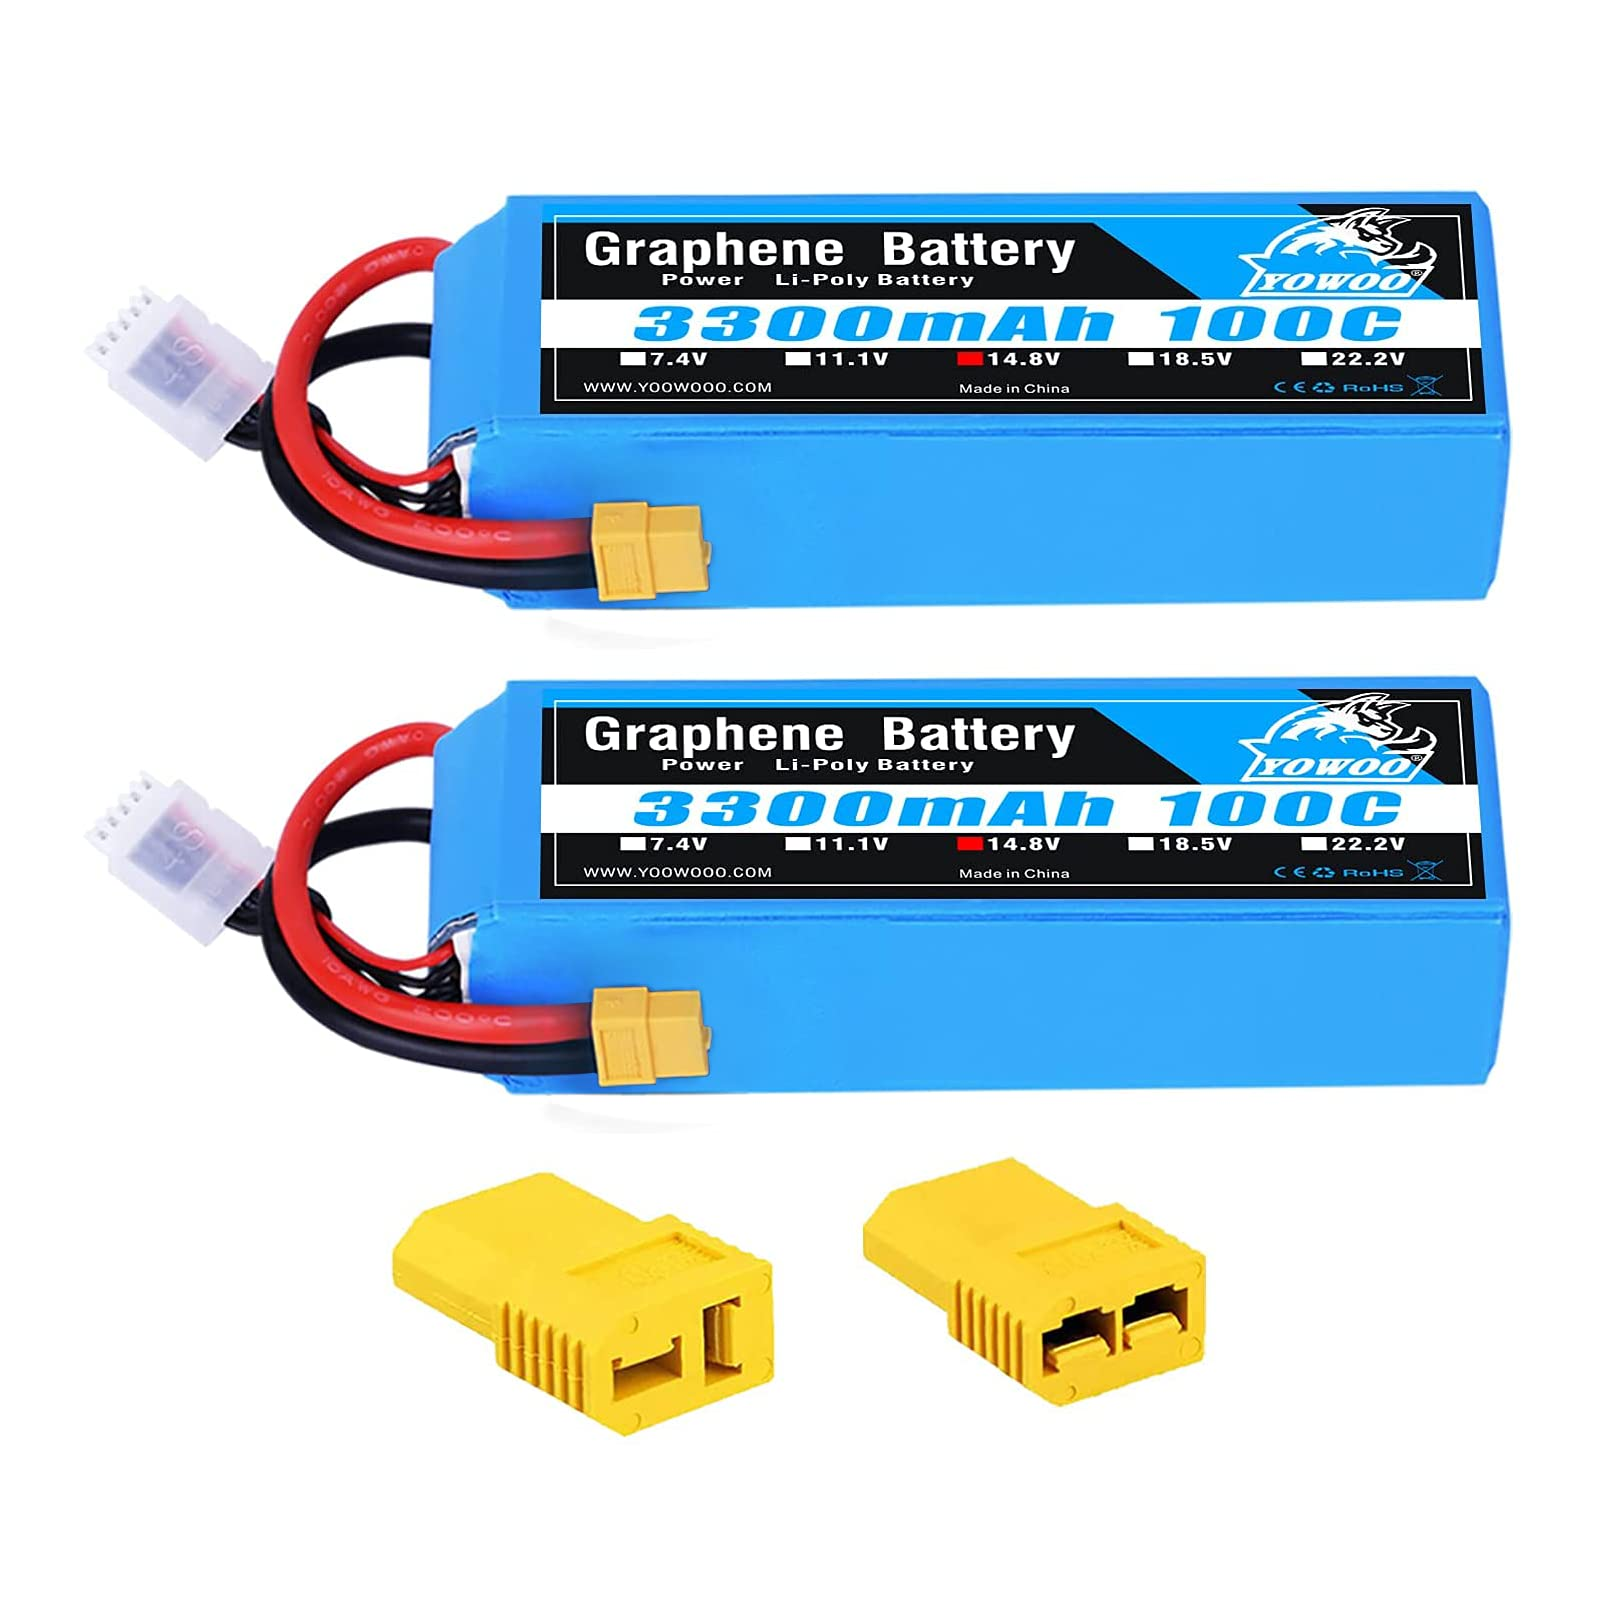 2 Baterias LIPO Grafeno 14.8v 3300mah 100C 4S XT60 Plug YoWo